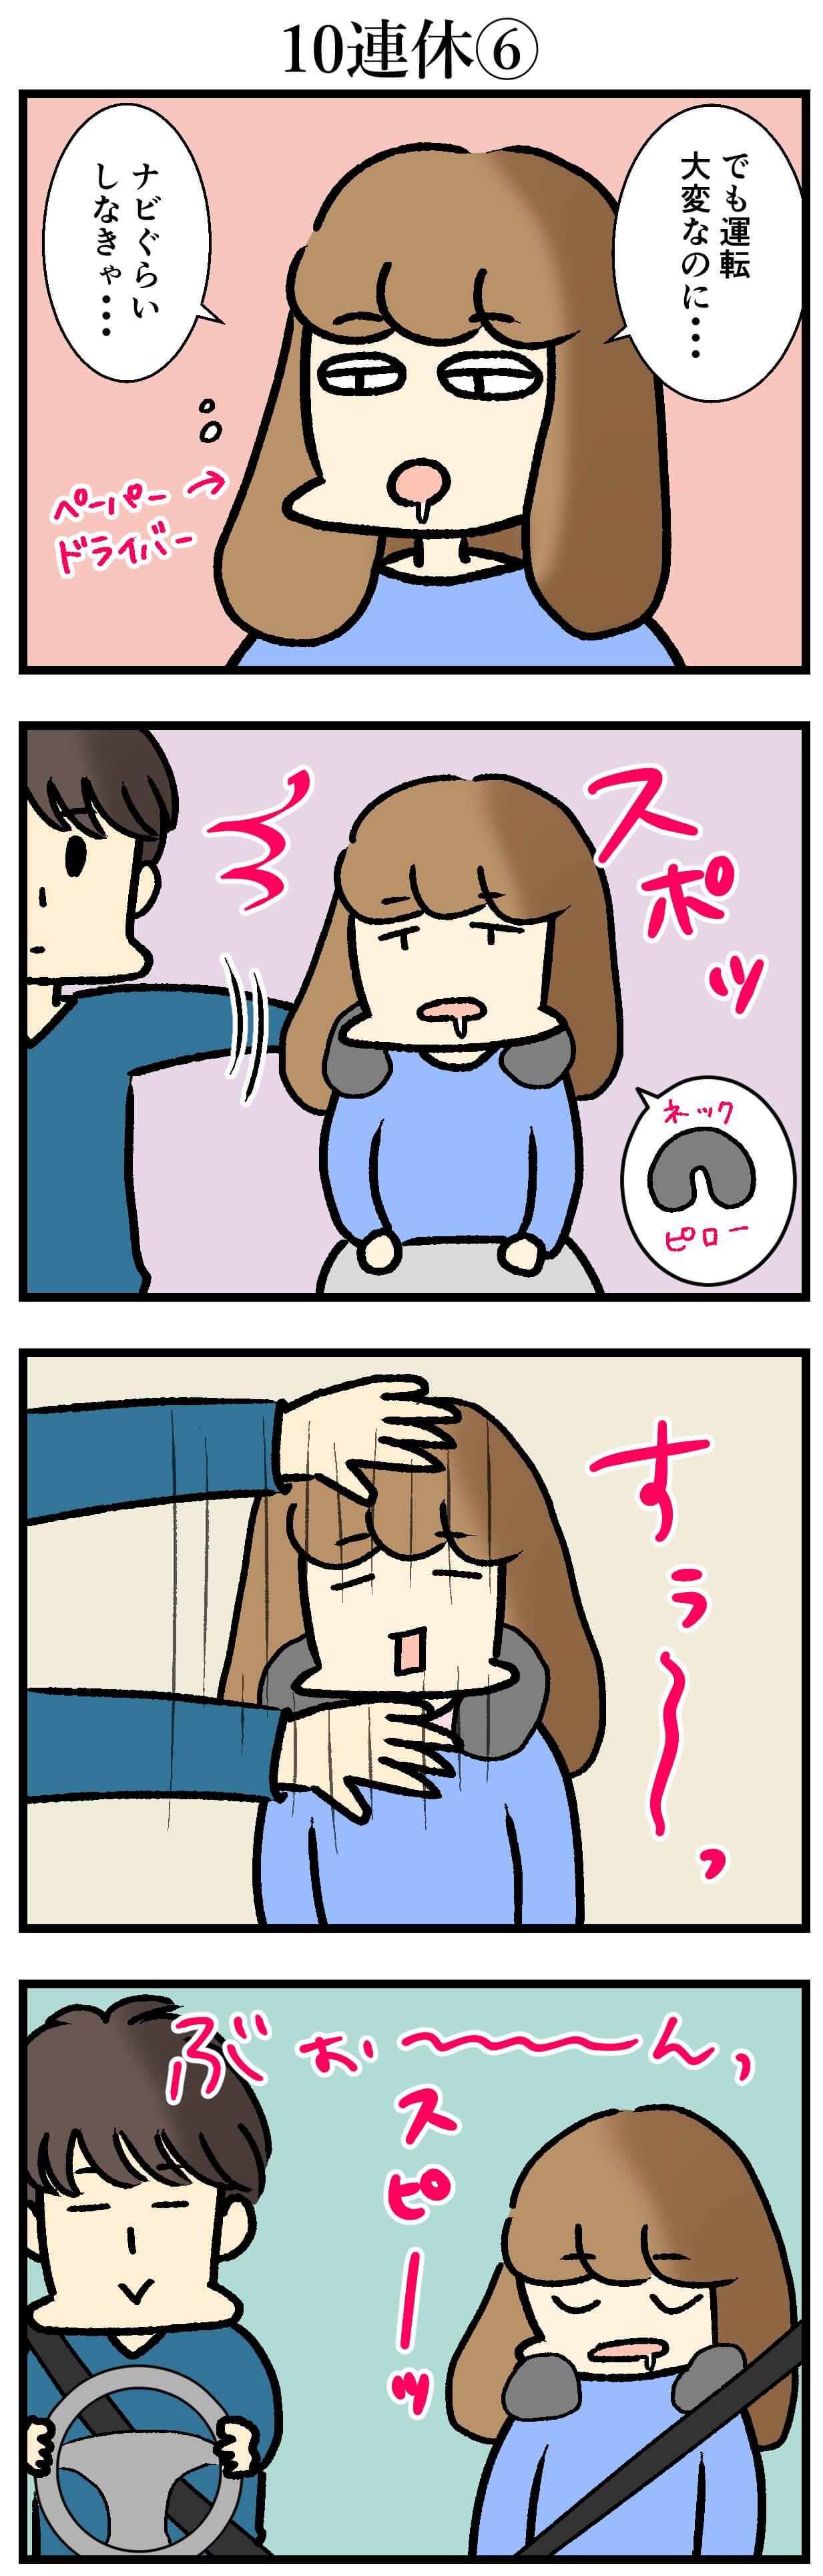 【エッセイ漫画】アラサー主婦くま子のふがいない日常(116)